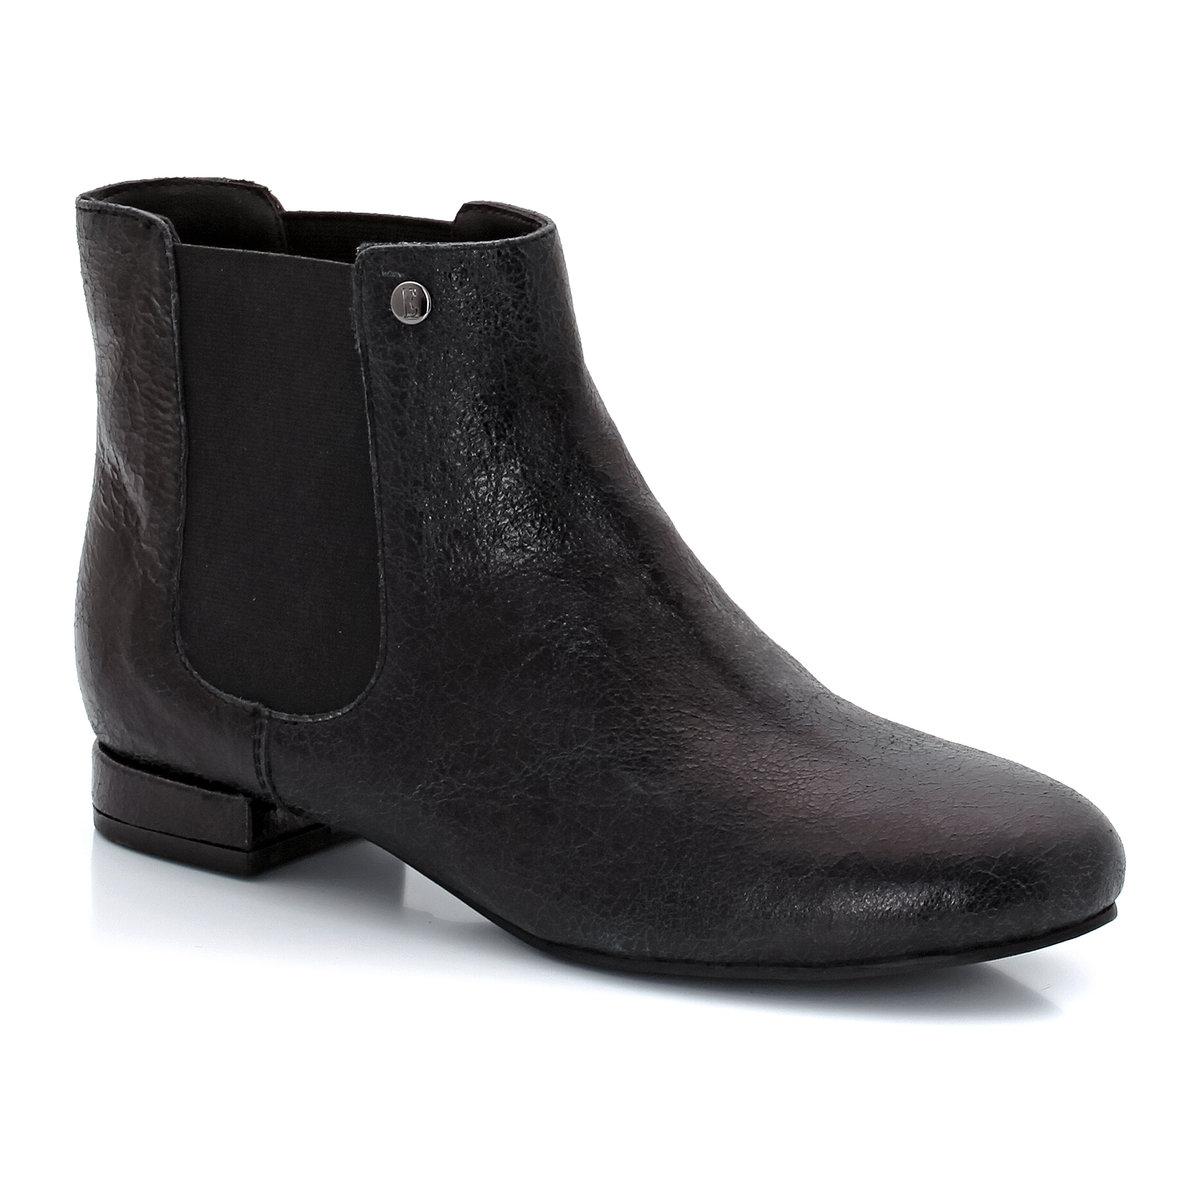 Ботинки MabilonНеоспоримые плюсы: пересмотренный стил челси от марки ELLE, с ее фирменной элегантностью и комфортом.<br><br>Цвет: черный<br>Размер: 41